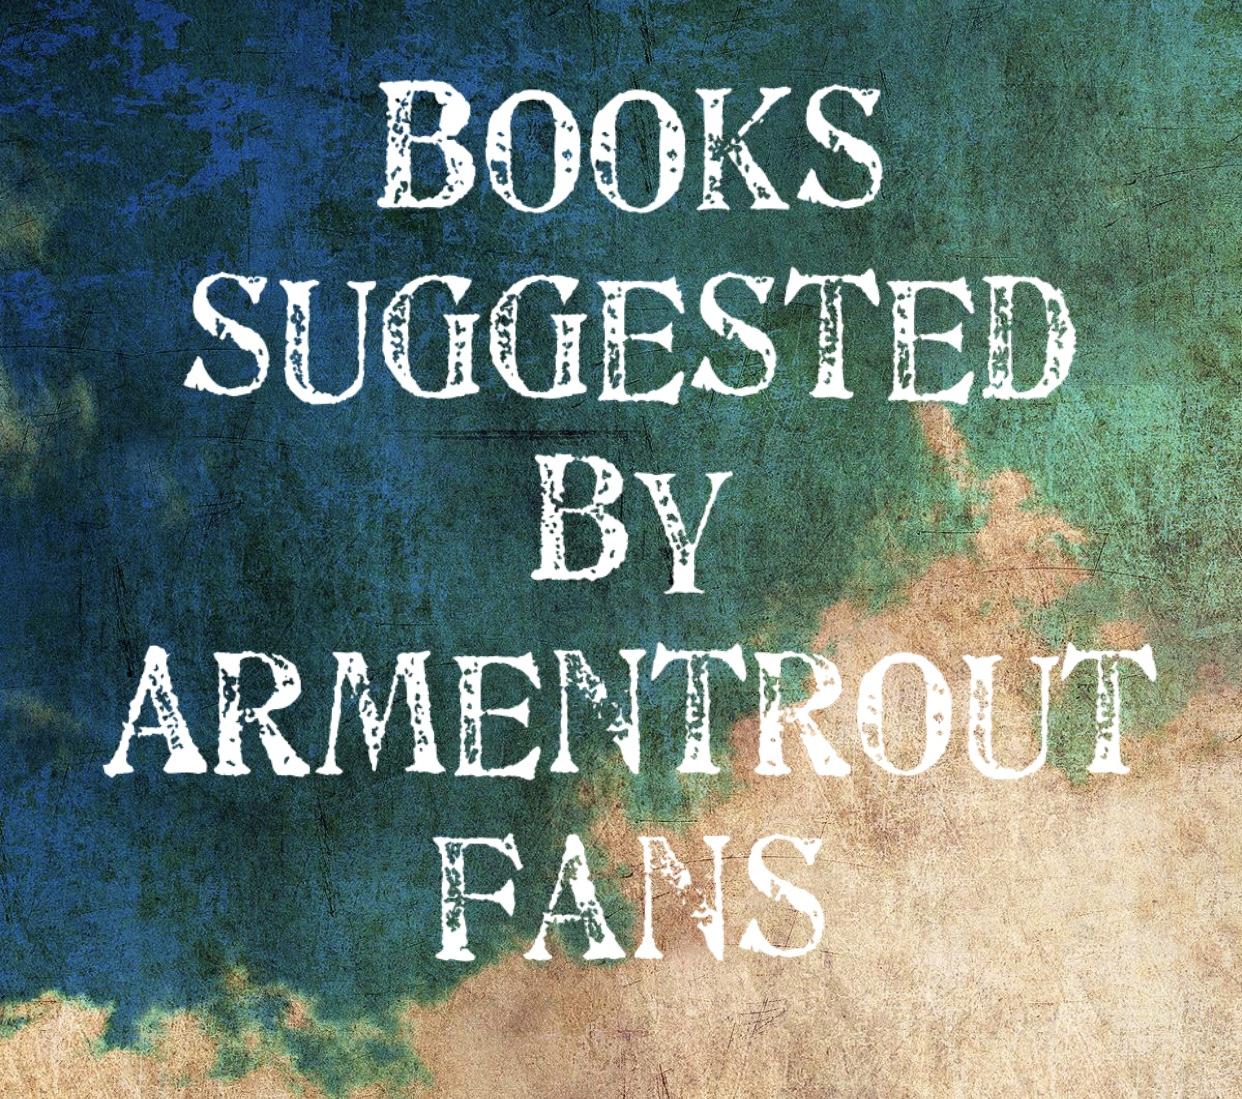 armentrout-fans-dn